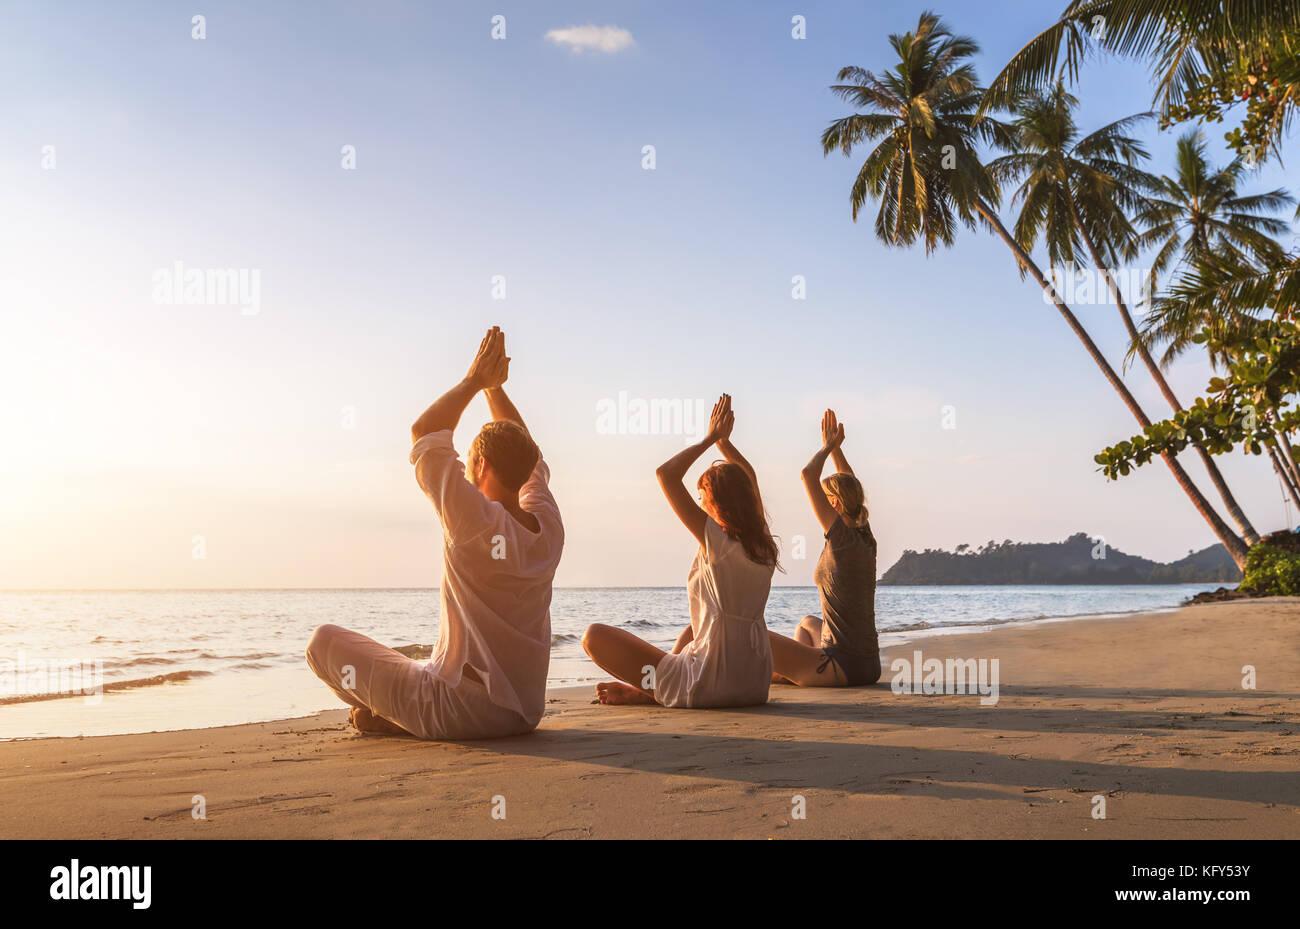 Un gruppo di tre persone a praticare yoga lotus posizione sulla spiaggia per il relax e il benessere, la calda estate Immagini Stock